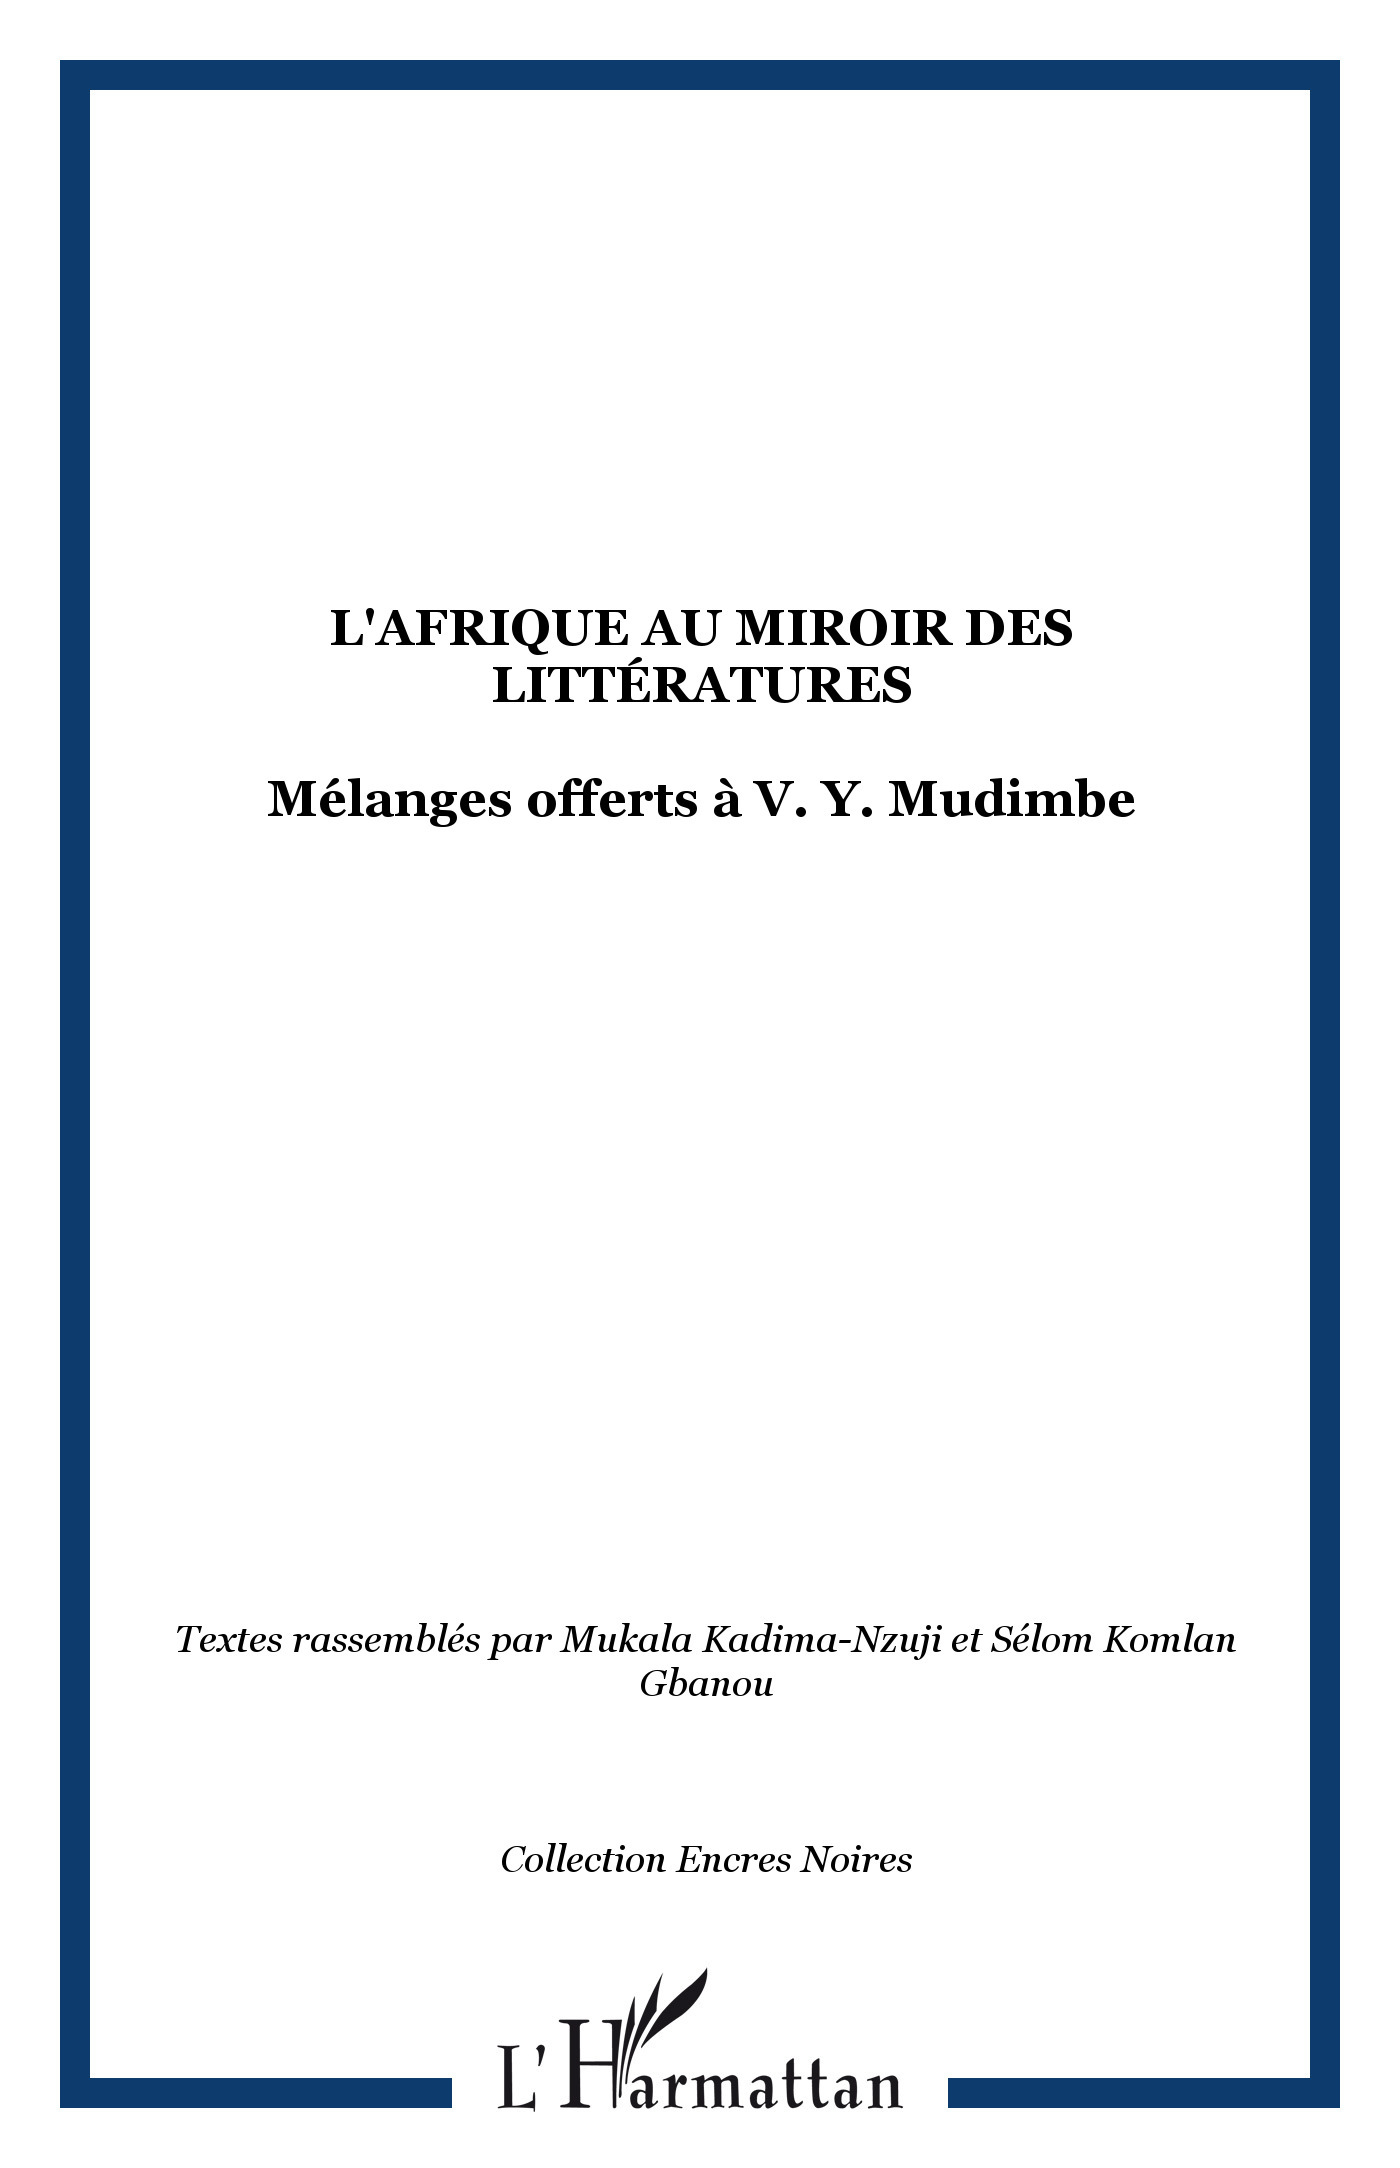 L'AFRIQUE AU MIROIR DES LITTERATURES - MELANGES OFFERTS A V. Y. MUDIMBE